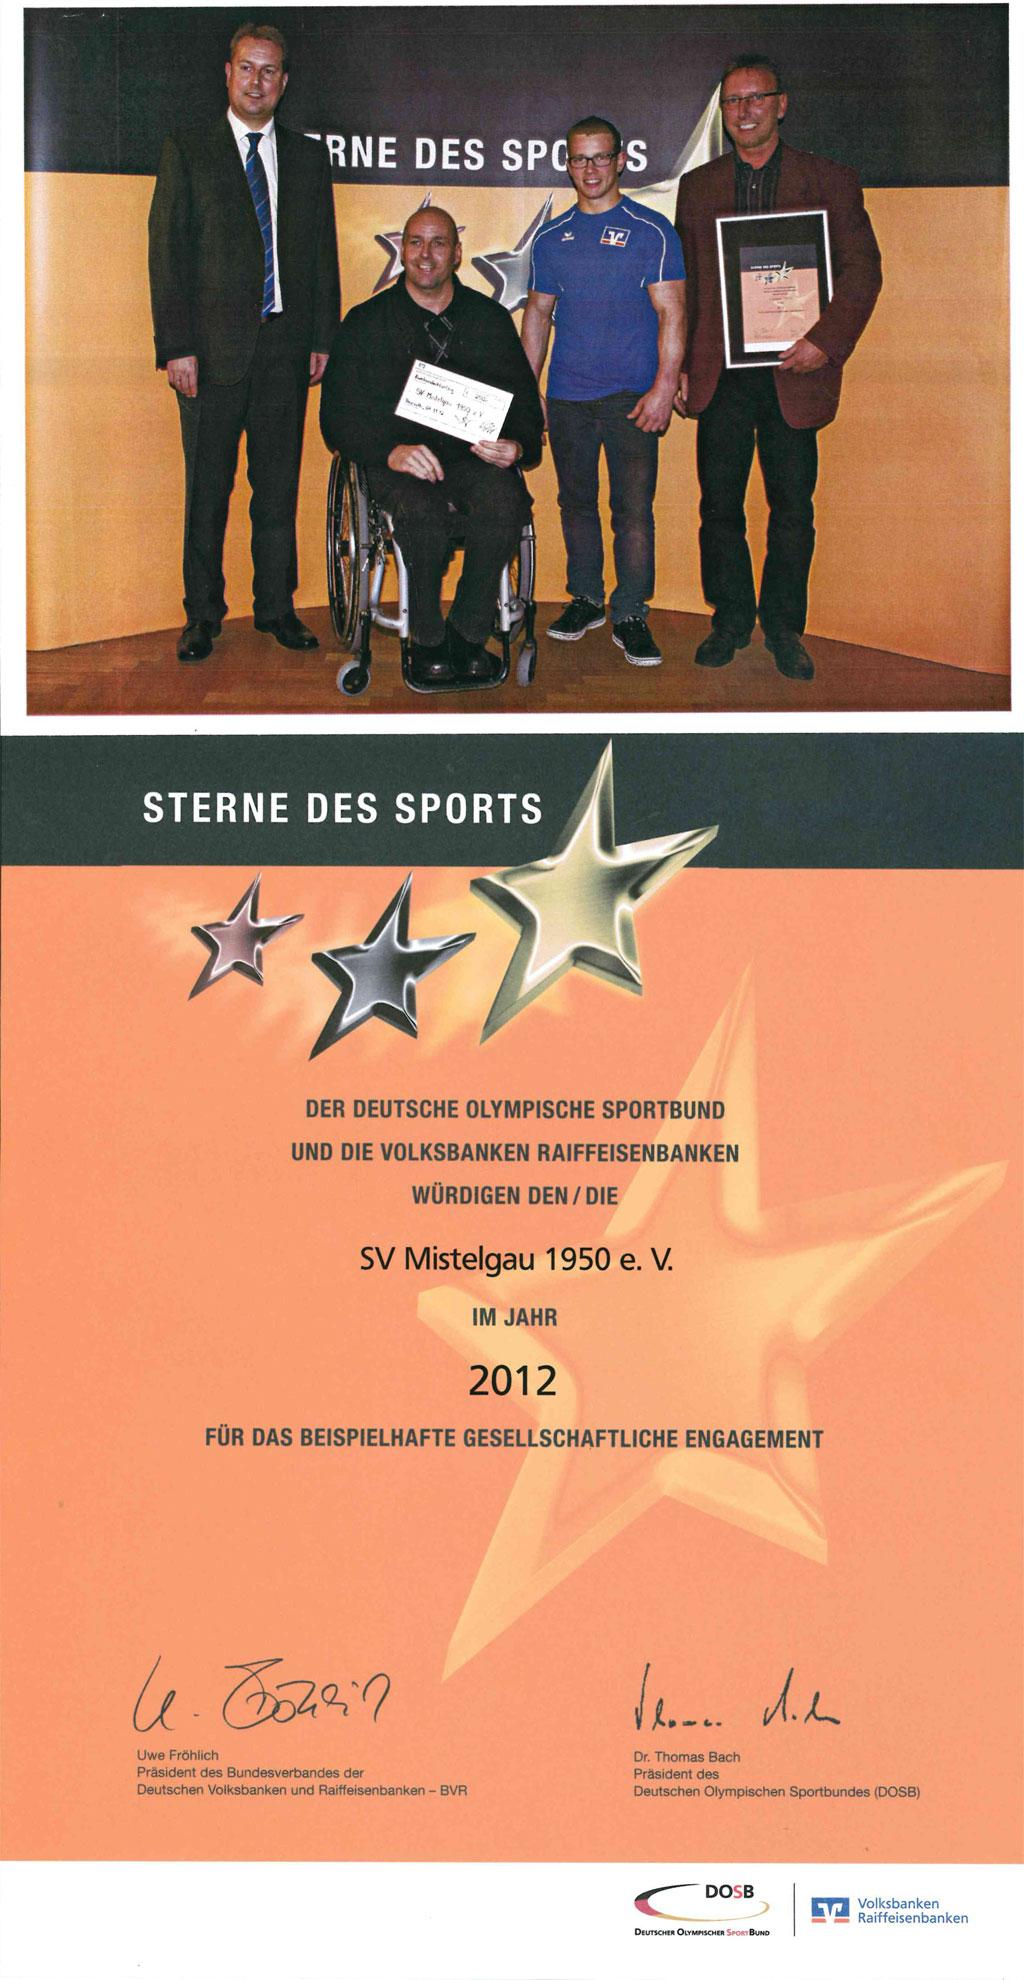 sterne-des-sports